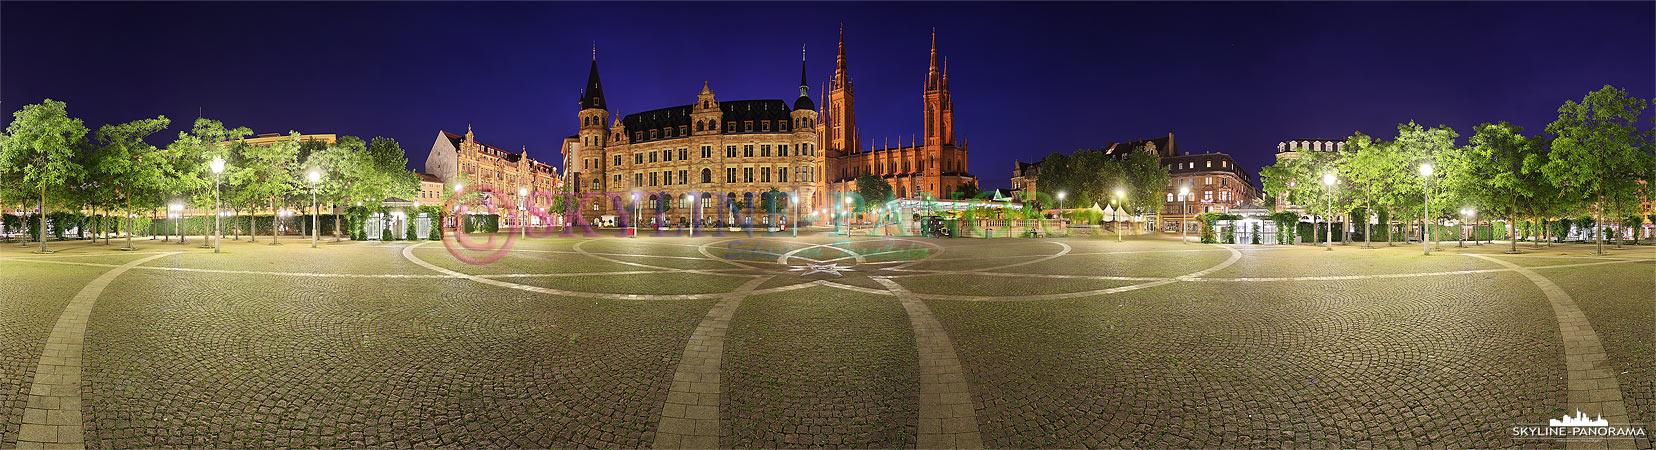 Bilder von Wiesbaden - Der Wiesbadener Marktplatz mit der Marktkirche & dem Rathaus als Panorama zur Blauen Stunde.